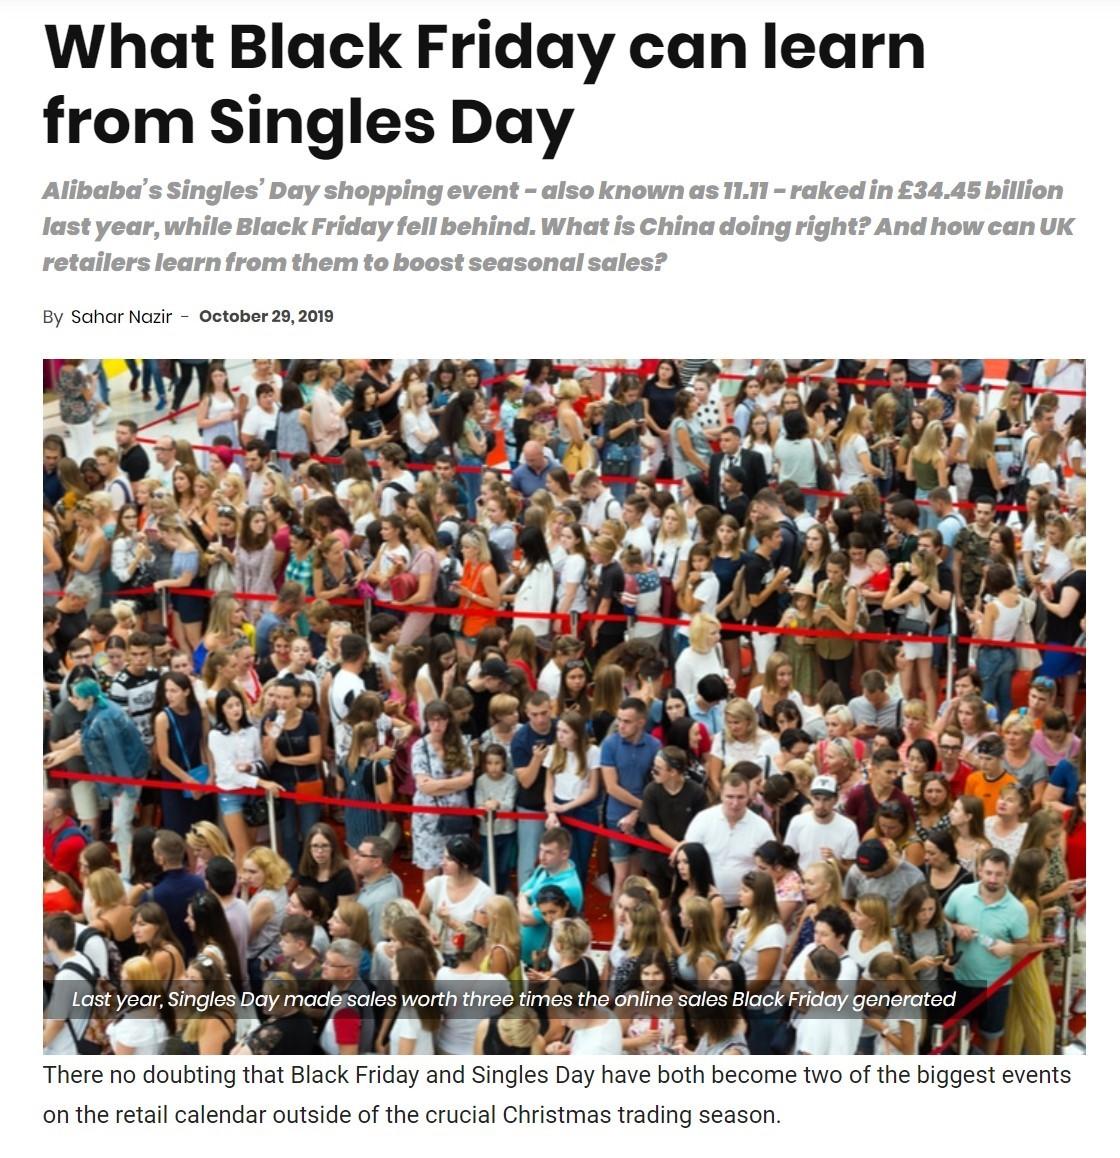 英国媒体从双11取经:我们的黑色星期五能学什么